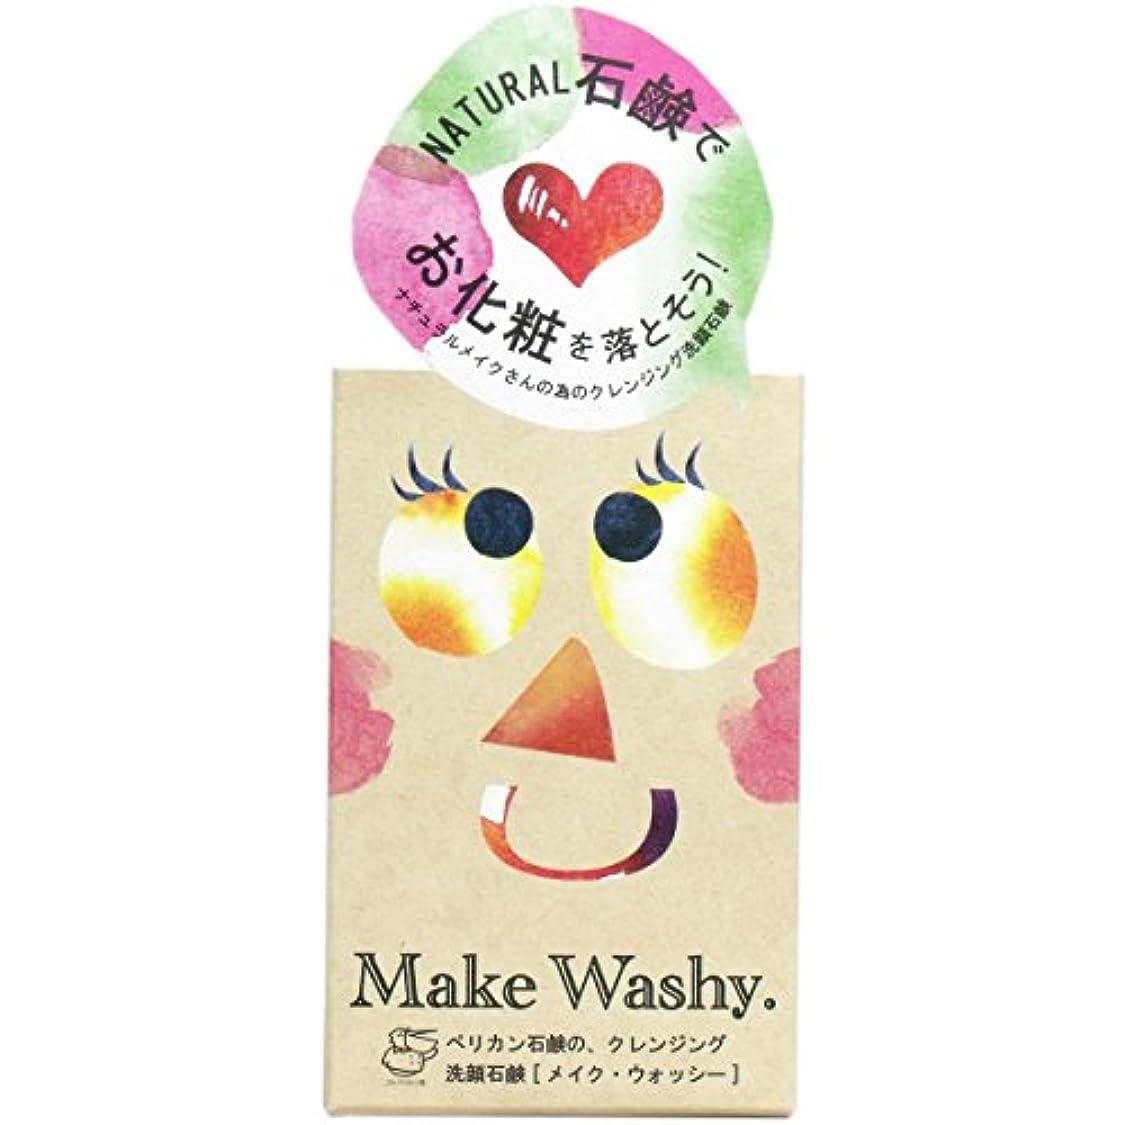 味わう可愛い略奪メイクウォッシー 洗顔石鹸 × 5個セット